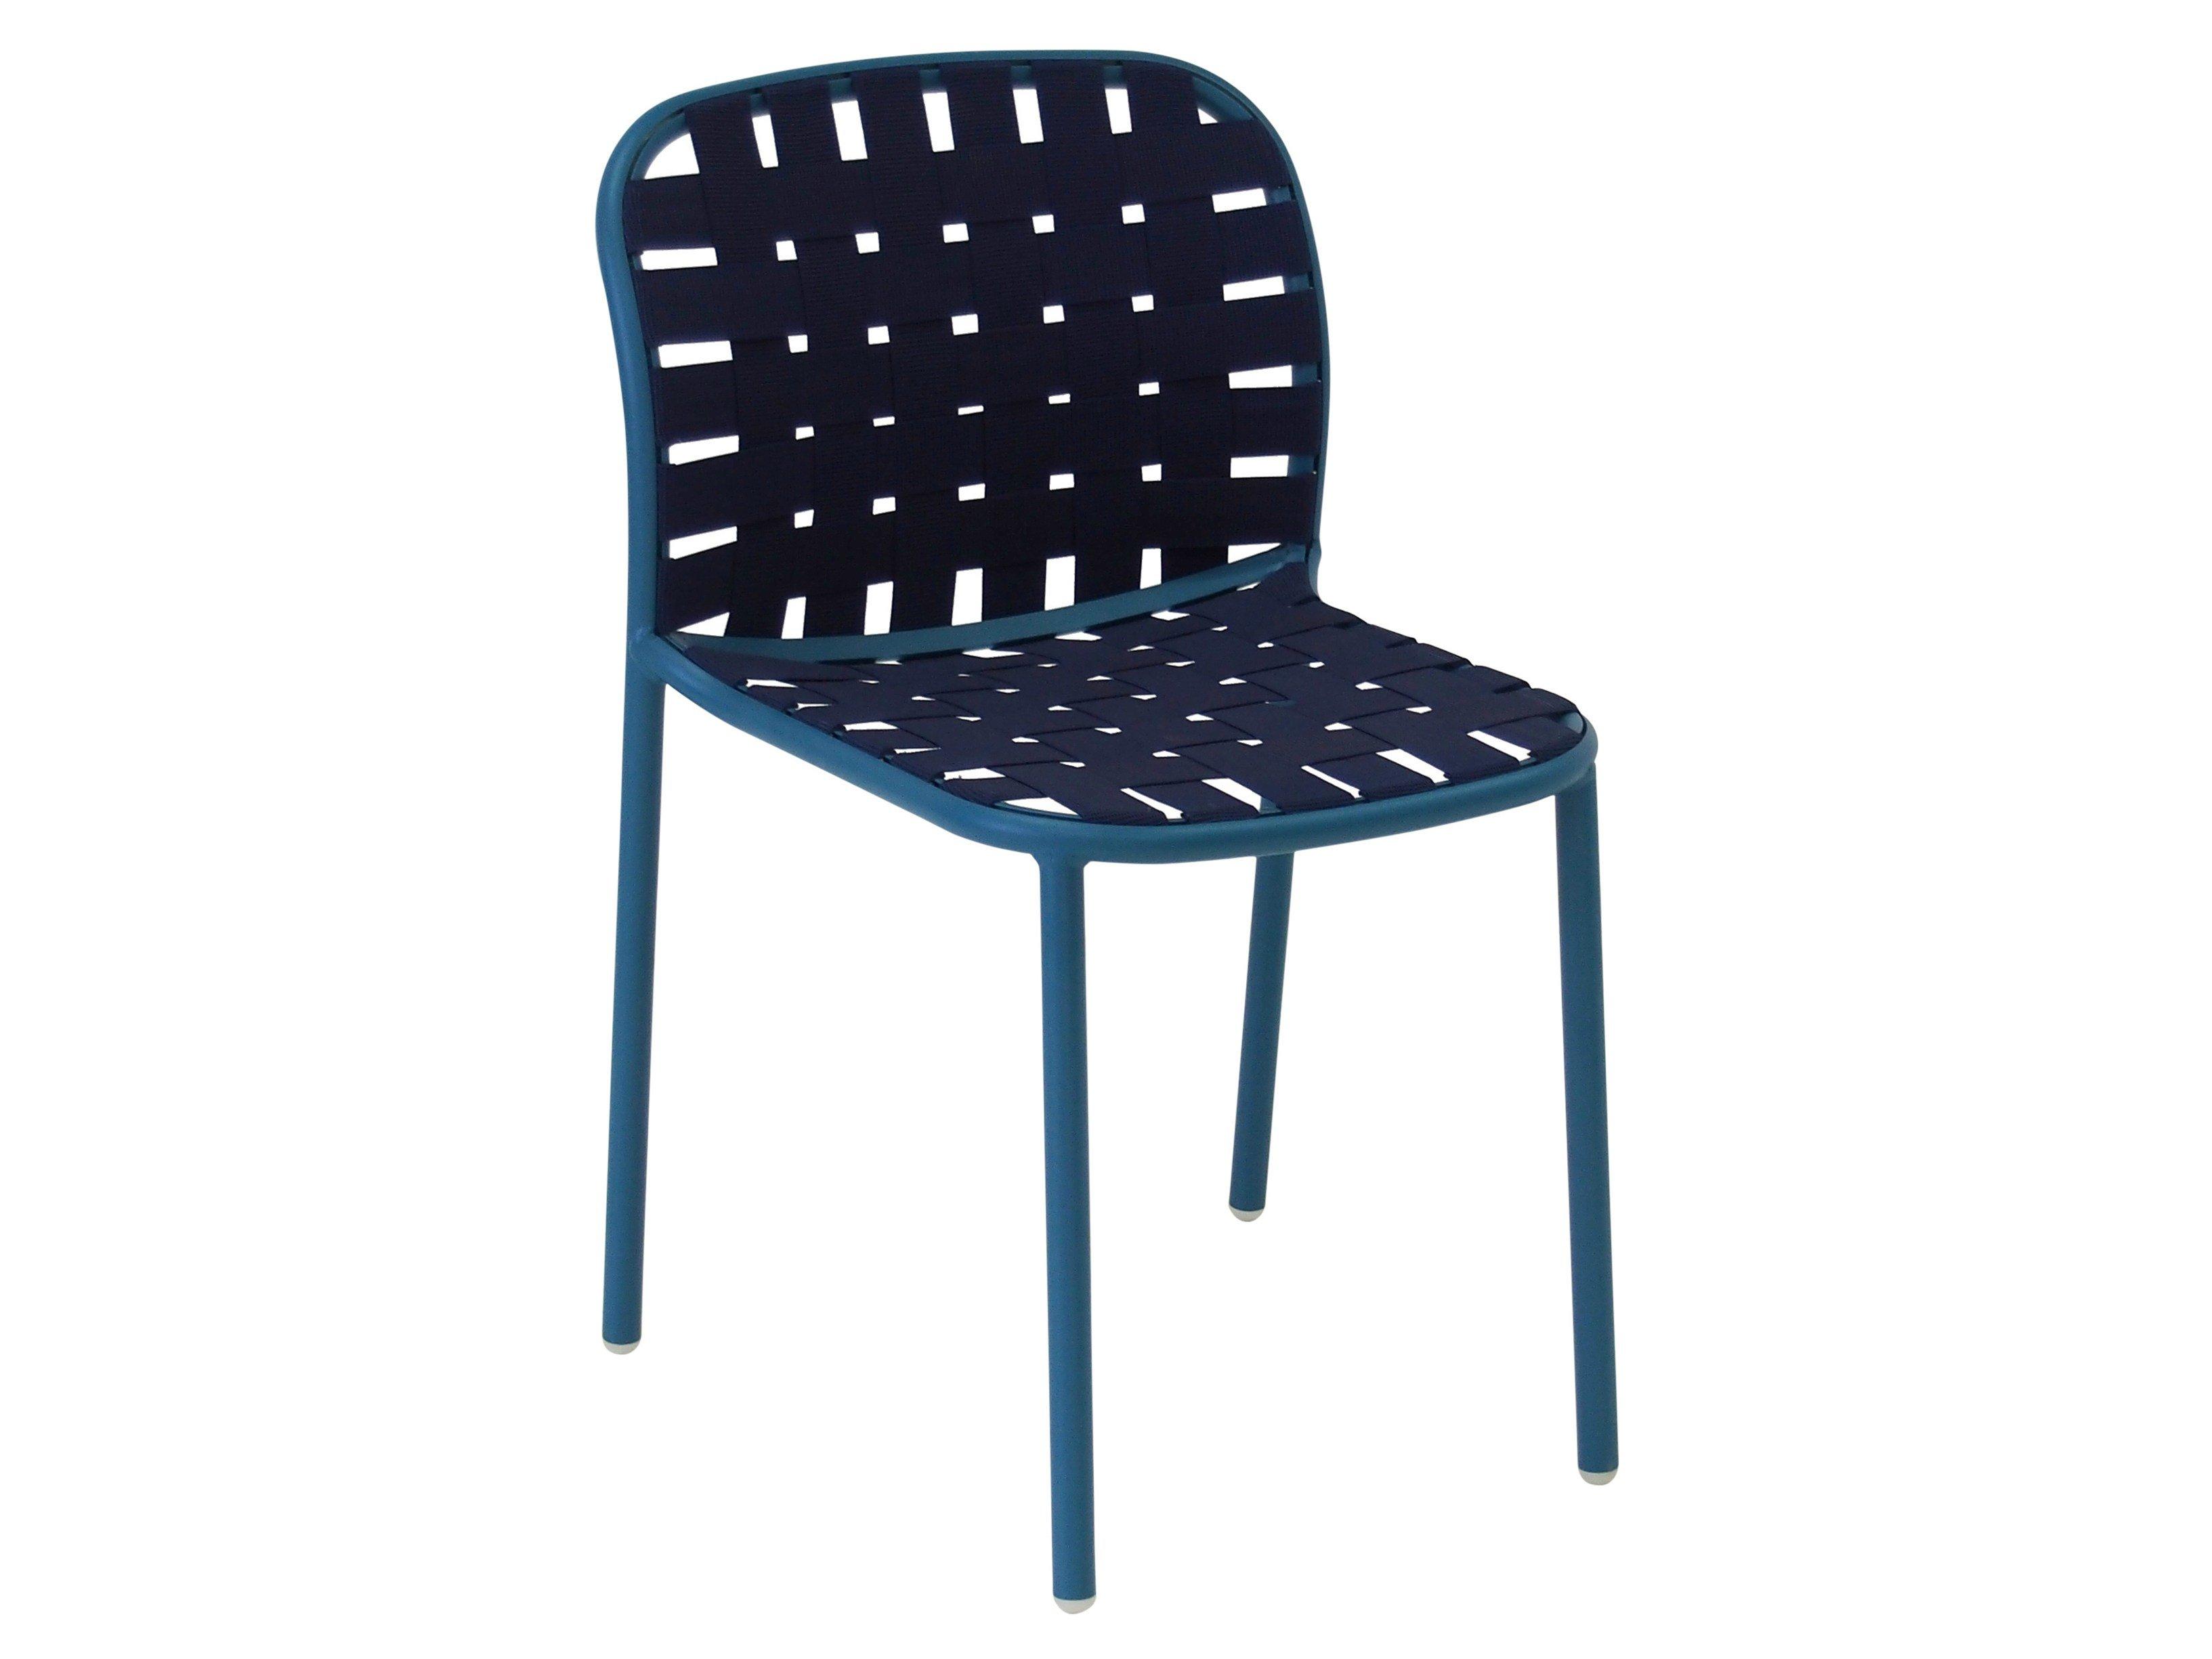 yard collection by stefan diez for emu group sohomod blog. Black Bedroom Furniture Sets. Home Design Ideas